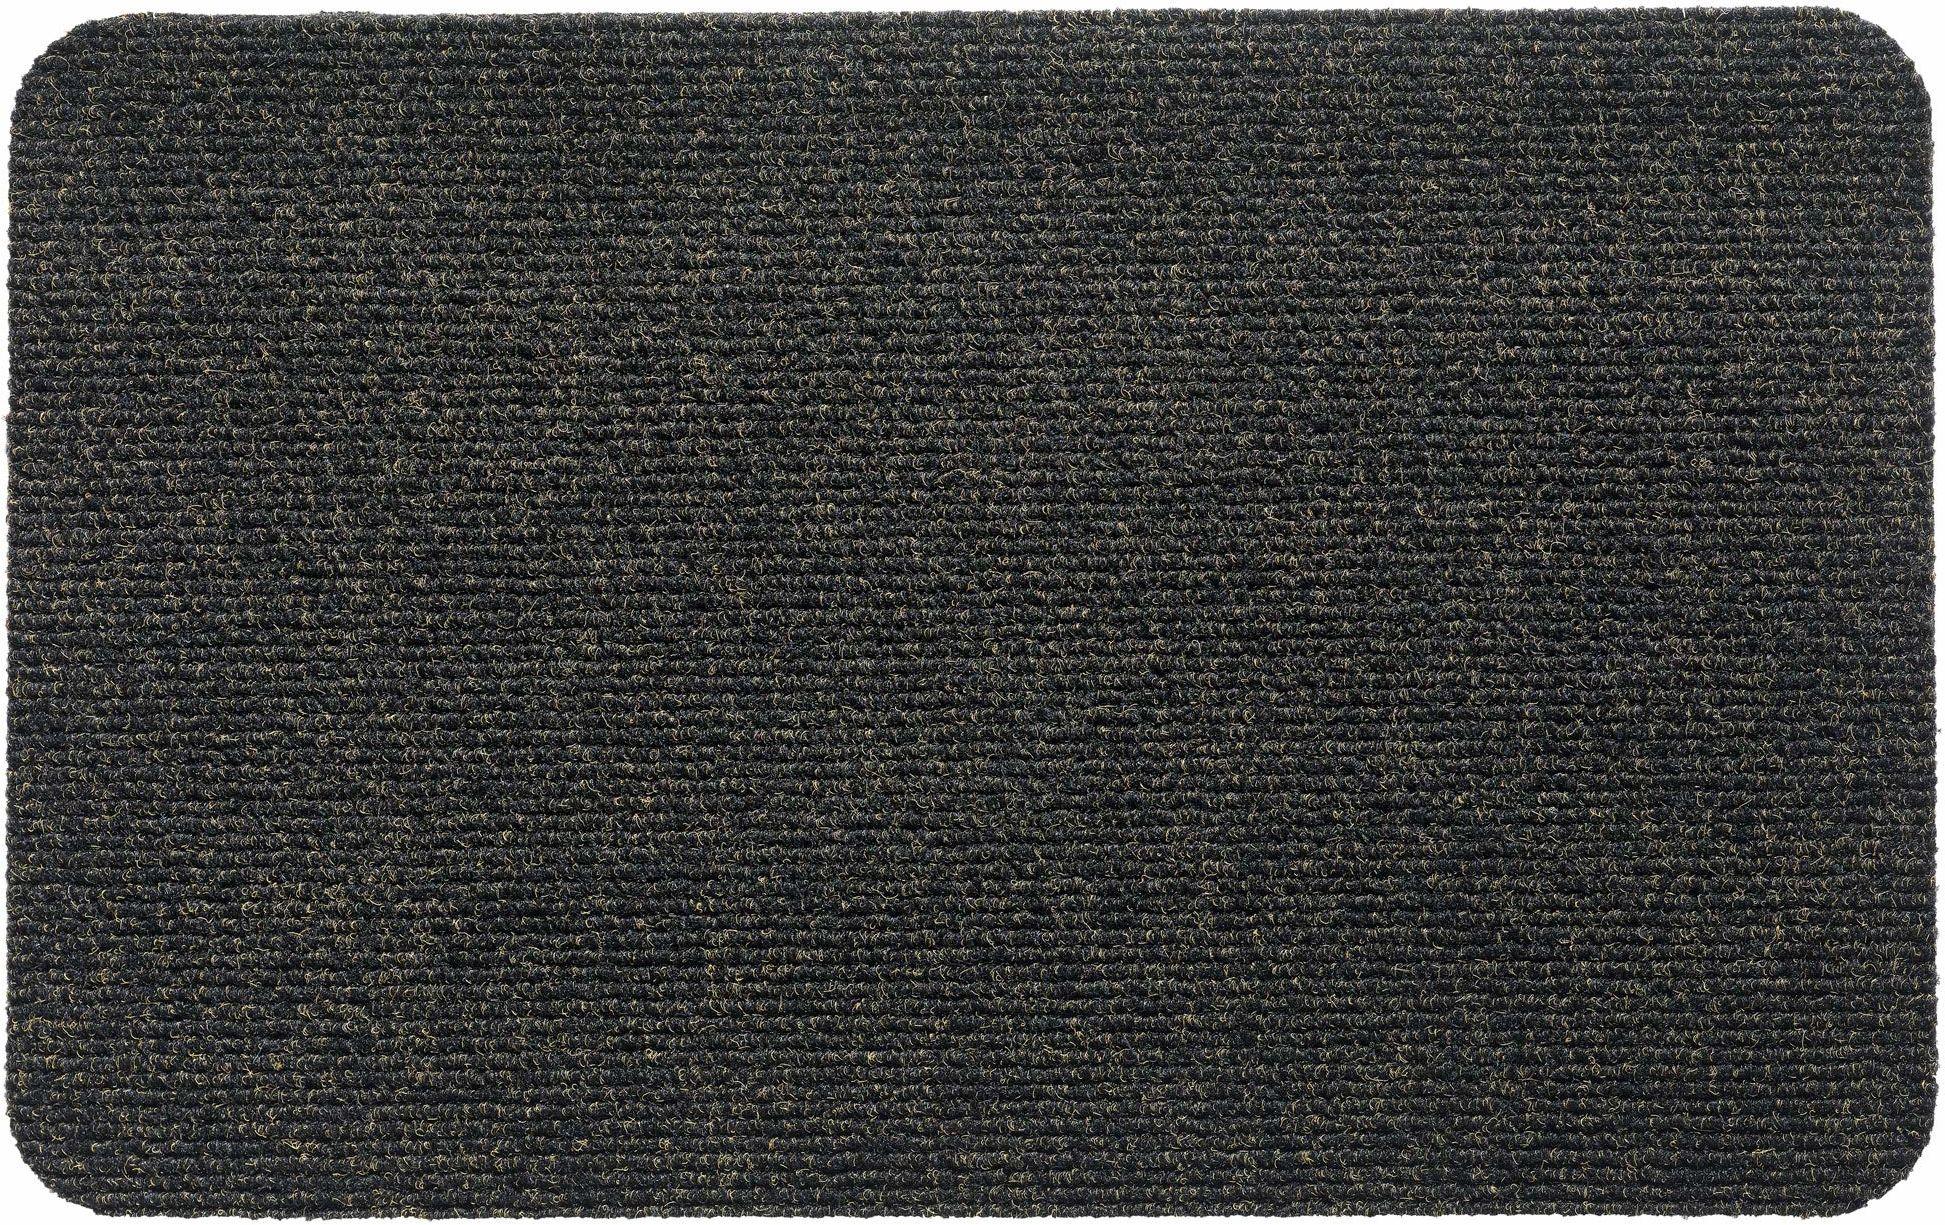 Wycieraczka Mega Rib, z polipropylenu, czarna, grafitowa, 40 x 60 cm